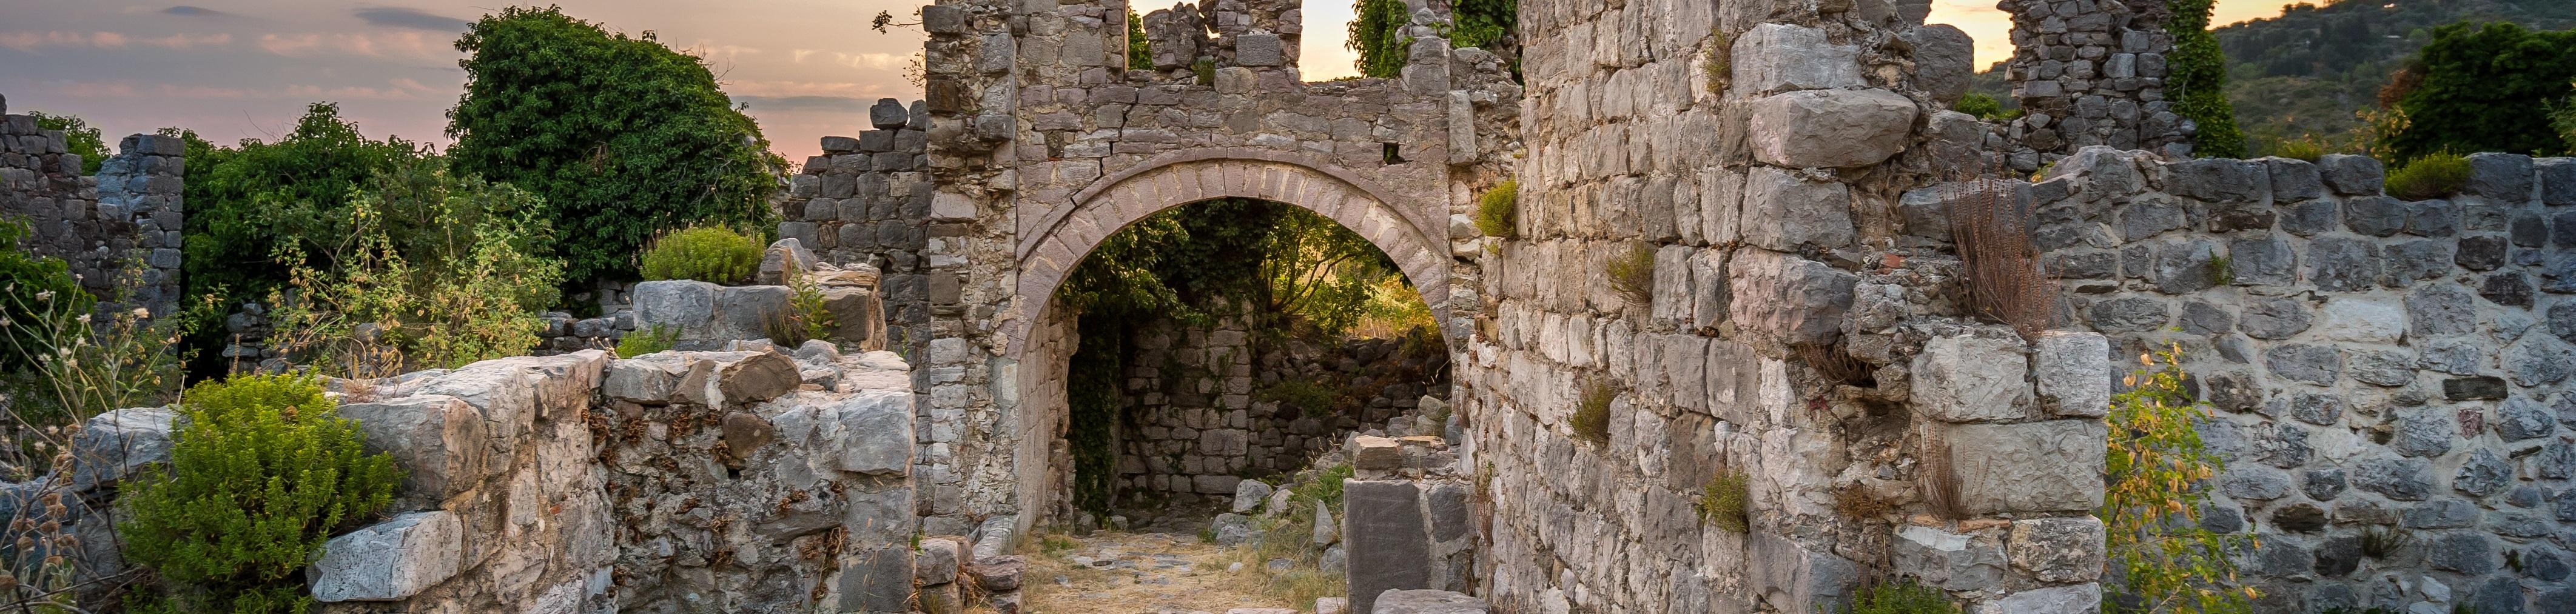 A crumbling ruin